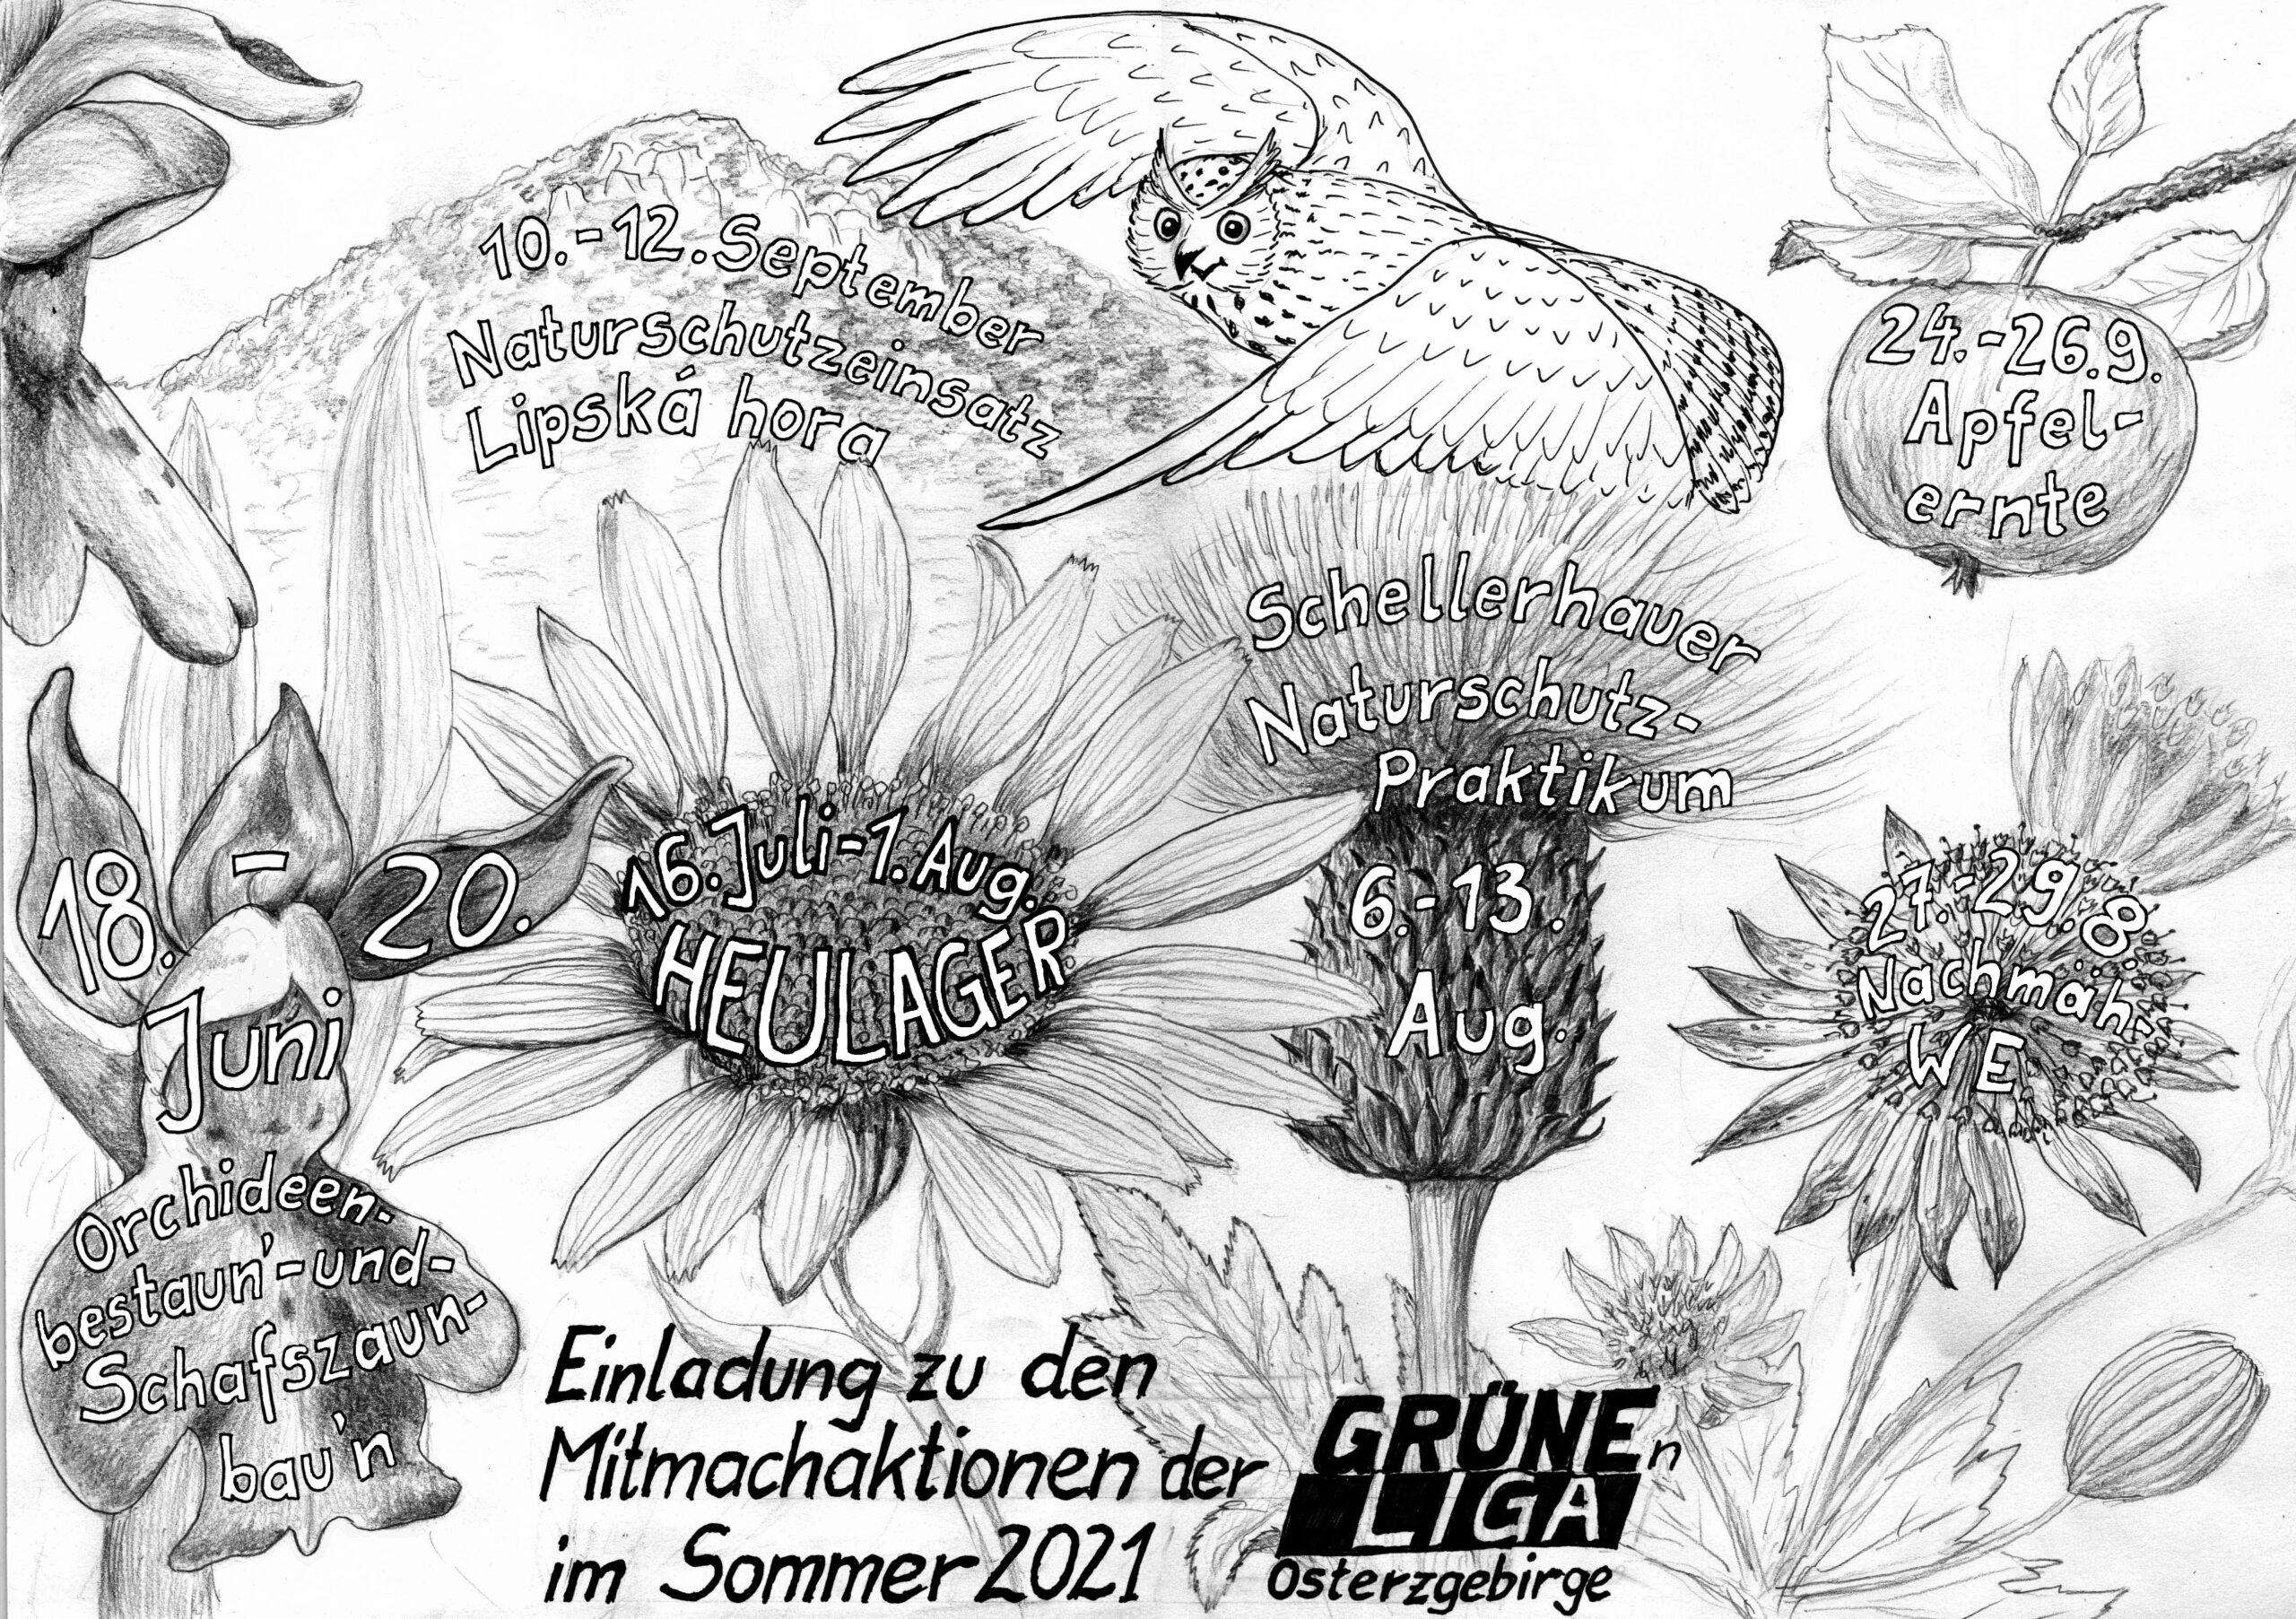 Naturschutzeinsätze der Grünen Liga Osterzgebirge im Sommer 2021